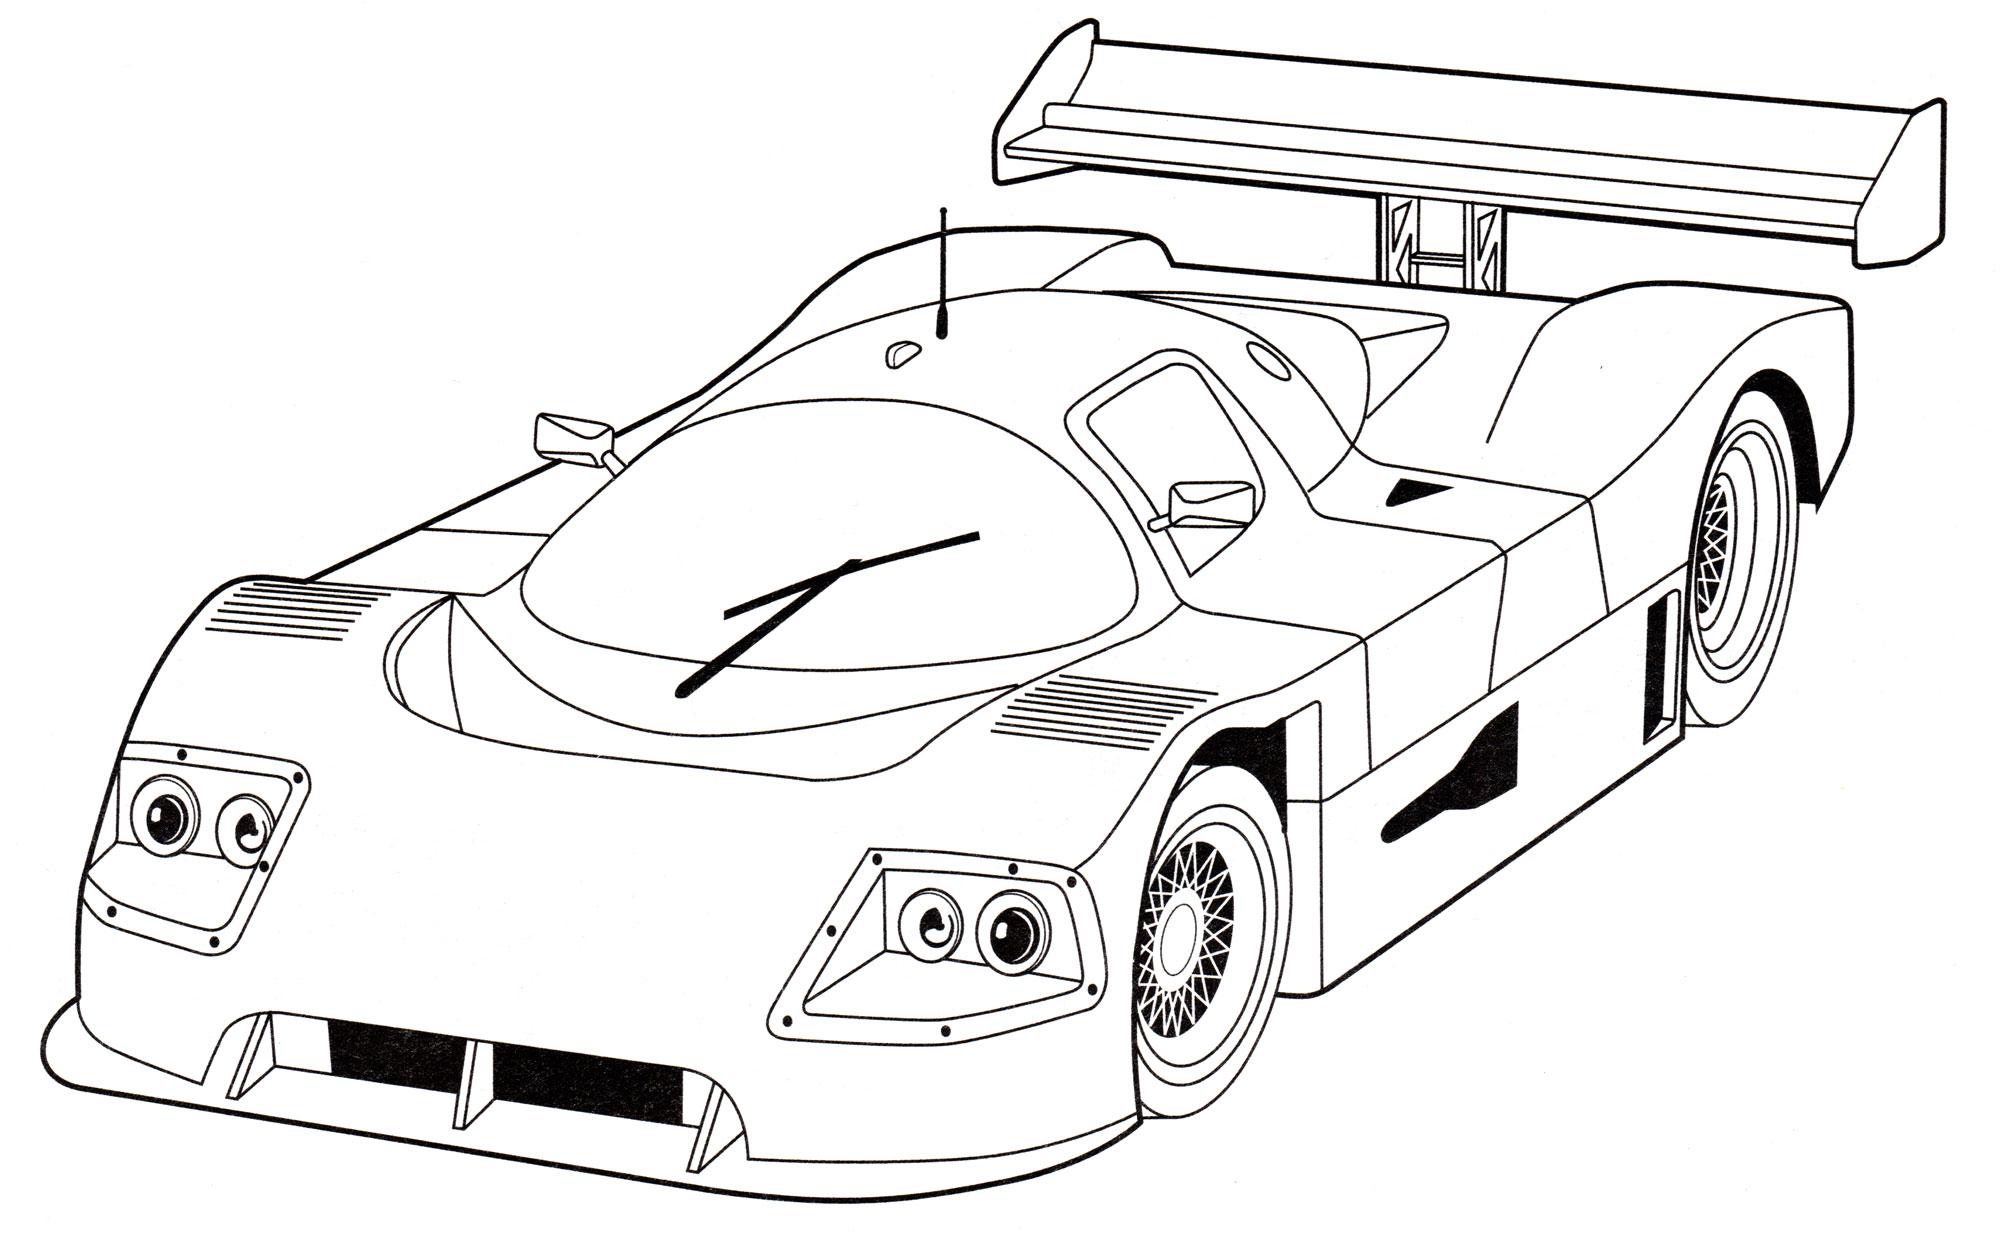 Раскраска Sauber Mercedes C9 - распечатать бесплатно